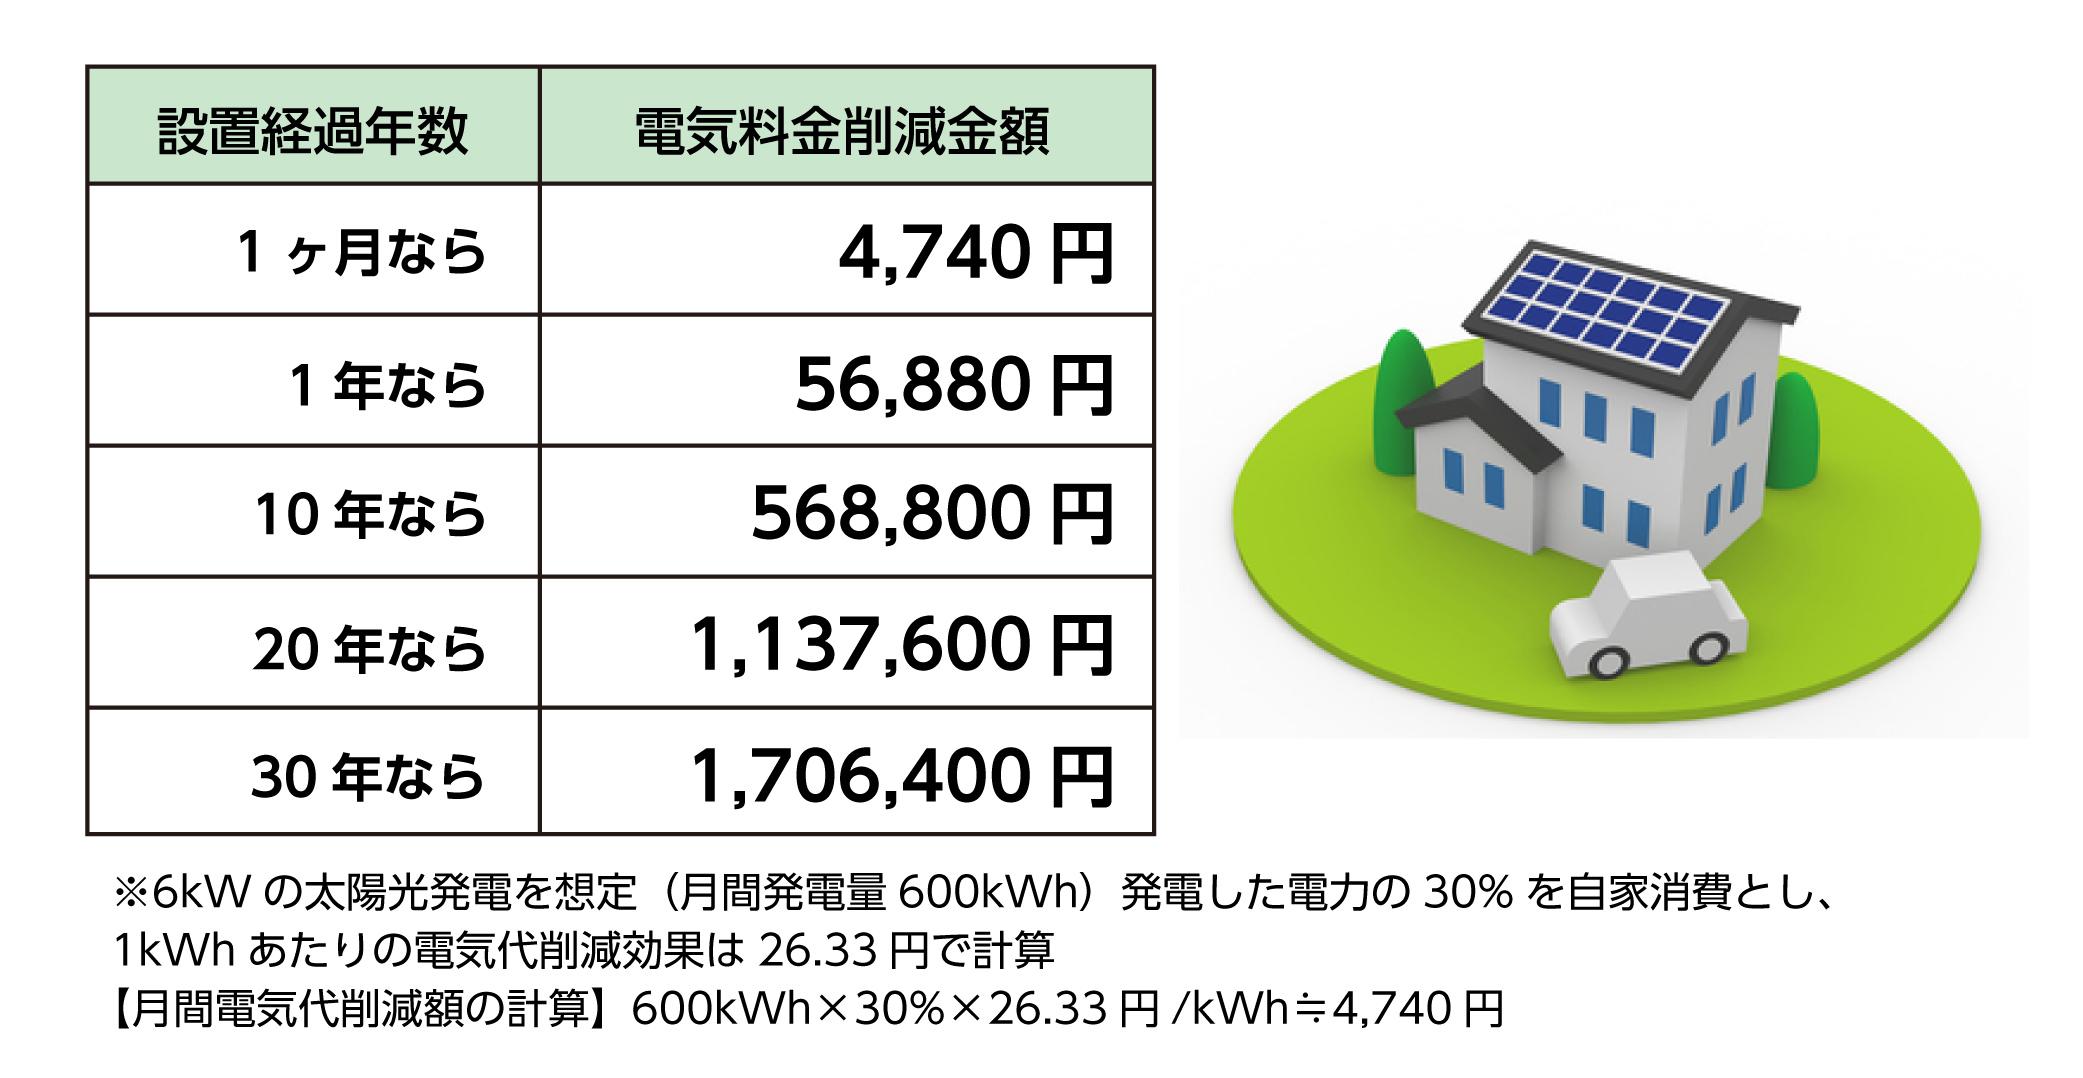 太陽光発電で電気代削減